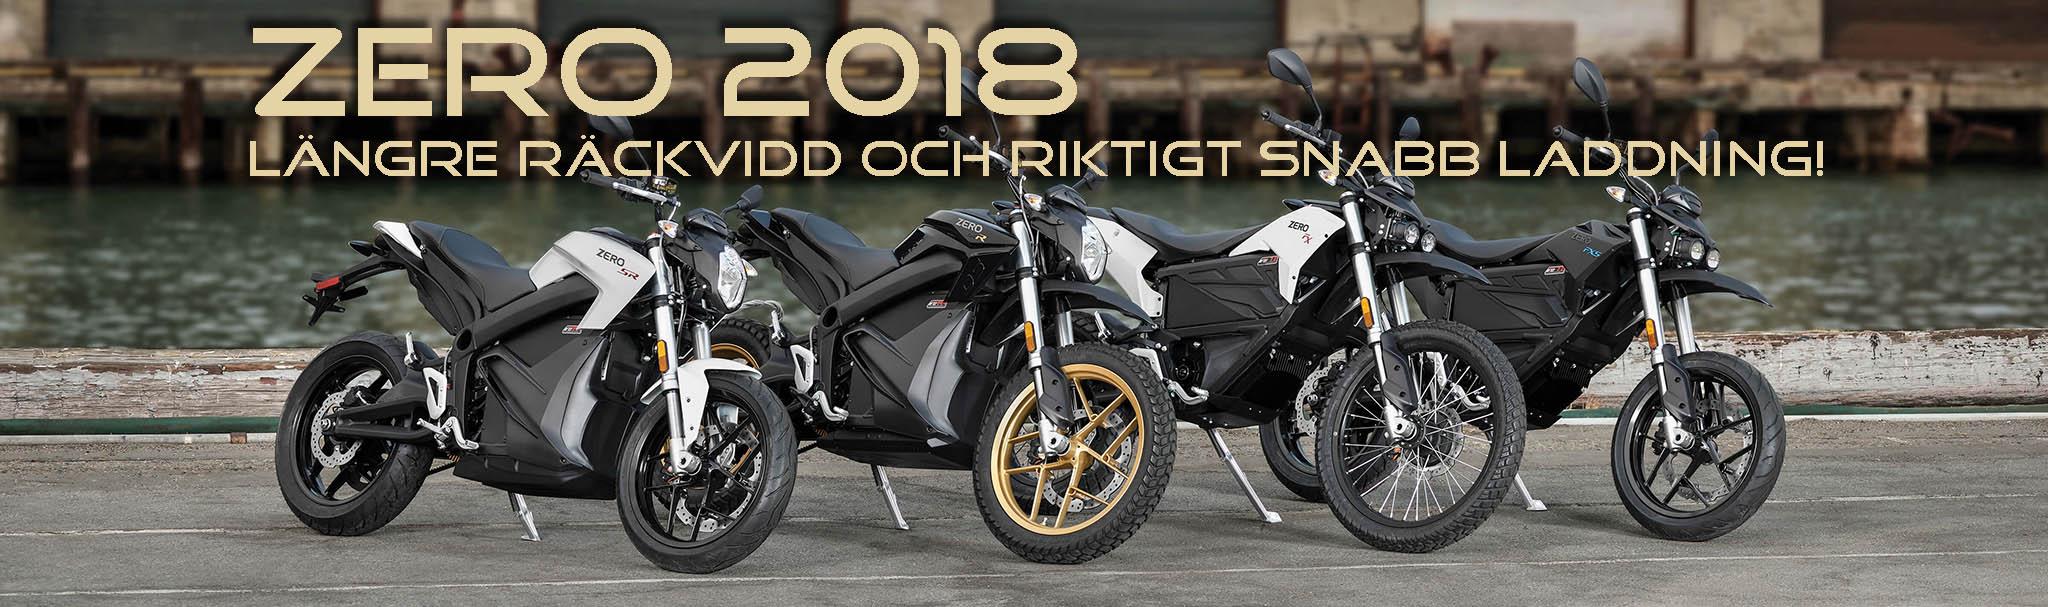 Klicka på bilden för att visa 2018 års nyheter från Zero Motorcycles.